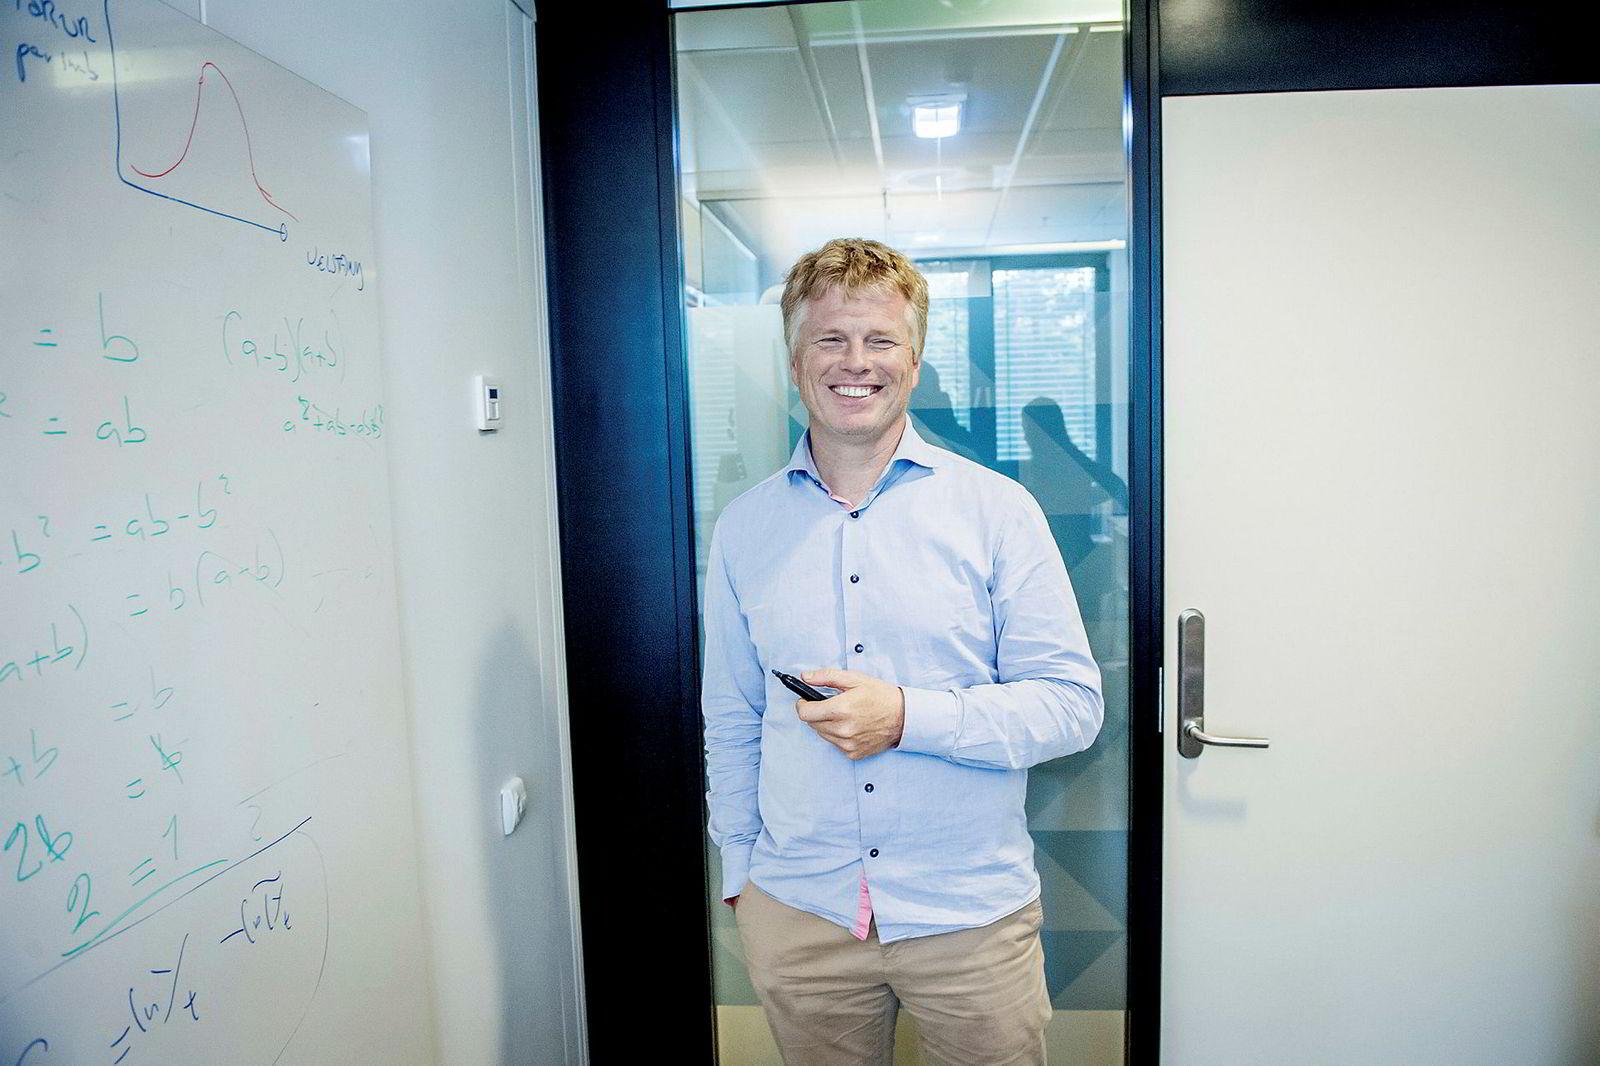 Ola Honningdal Grytten er professor ved Institutt for samfunnsøkonomi ved Norges Handelshøyskole (NHH).